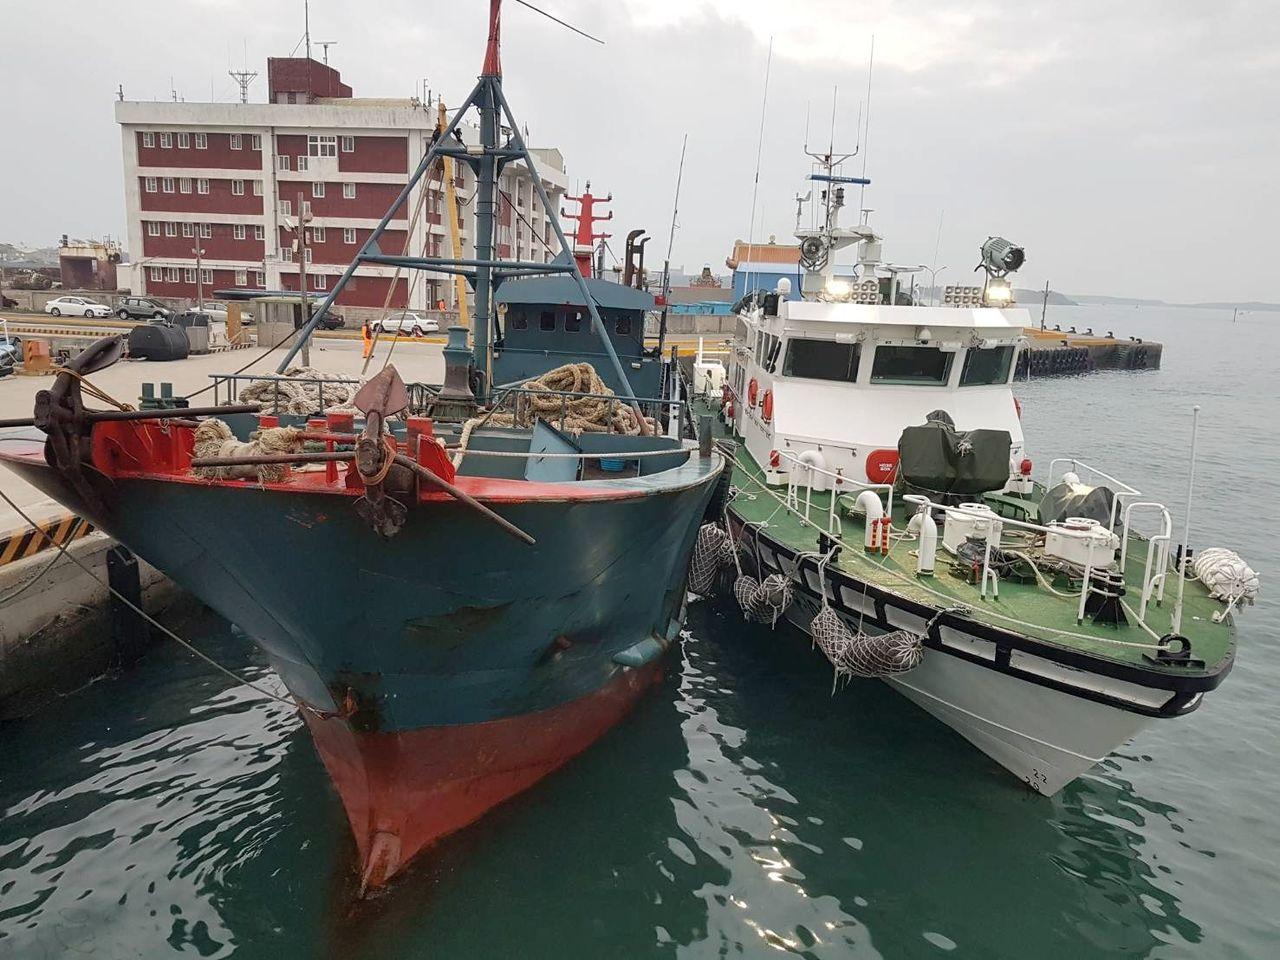 大陸「粵南澳」漁船被押返澎湖馬公港。記者林保光/翻攝